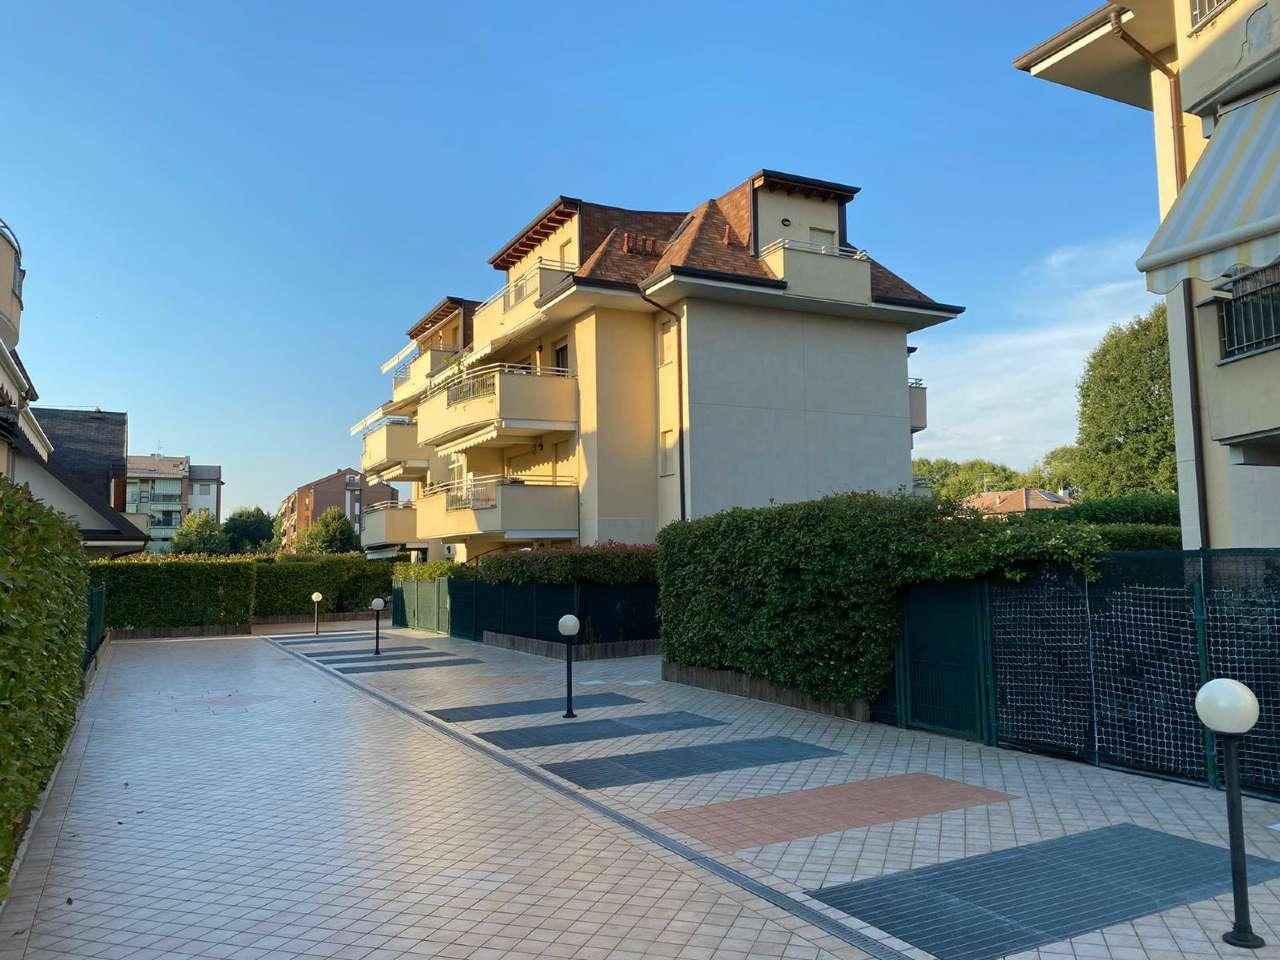 Appartamento in vendita a Limbiate, 3 locali, prezzo € 240.000 | PortaleAgenzieImmobiliari.it